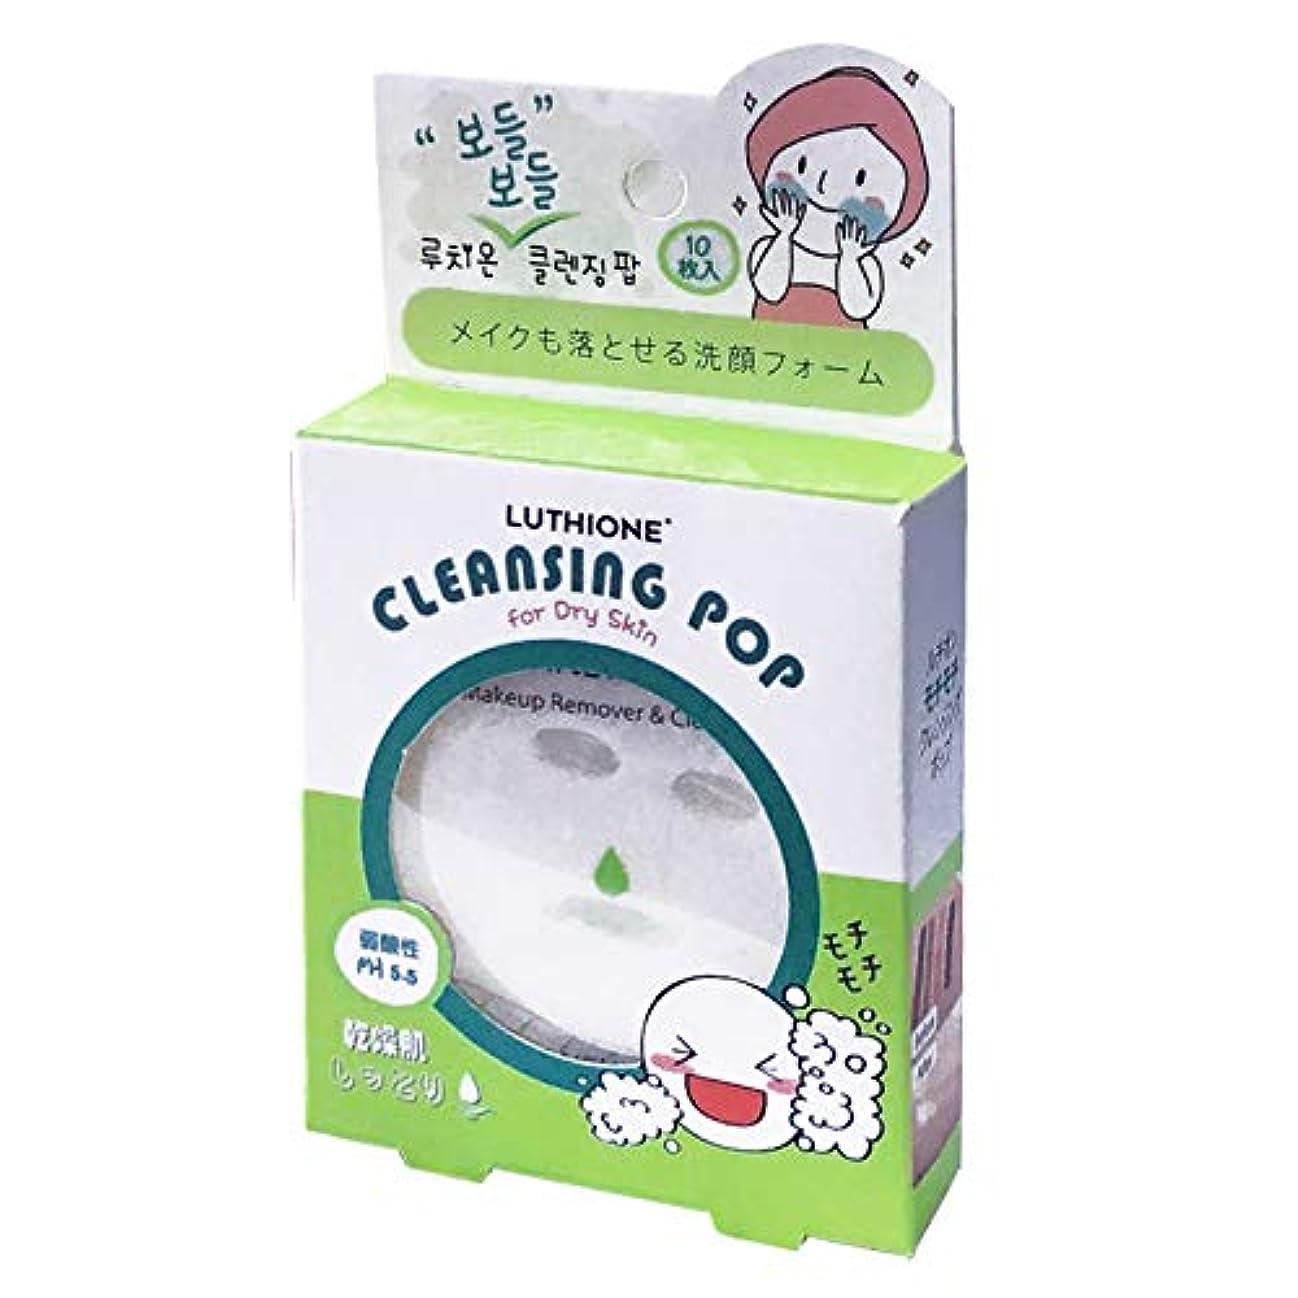 神秘議会読書をする【まとめ買い】ルチオン クレンジングポップ (LUTHIONE CLEANSING POP) 乾燥肌 10枚入り ×6個